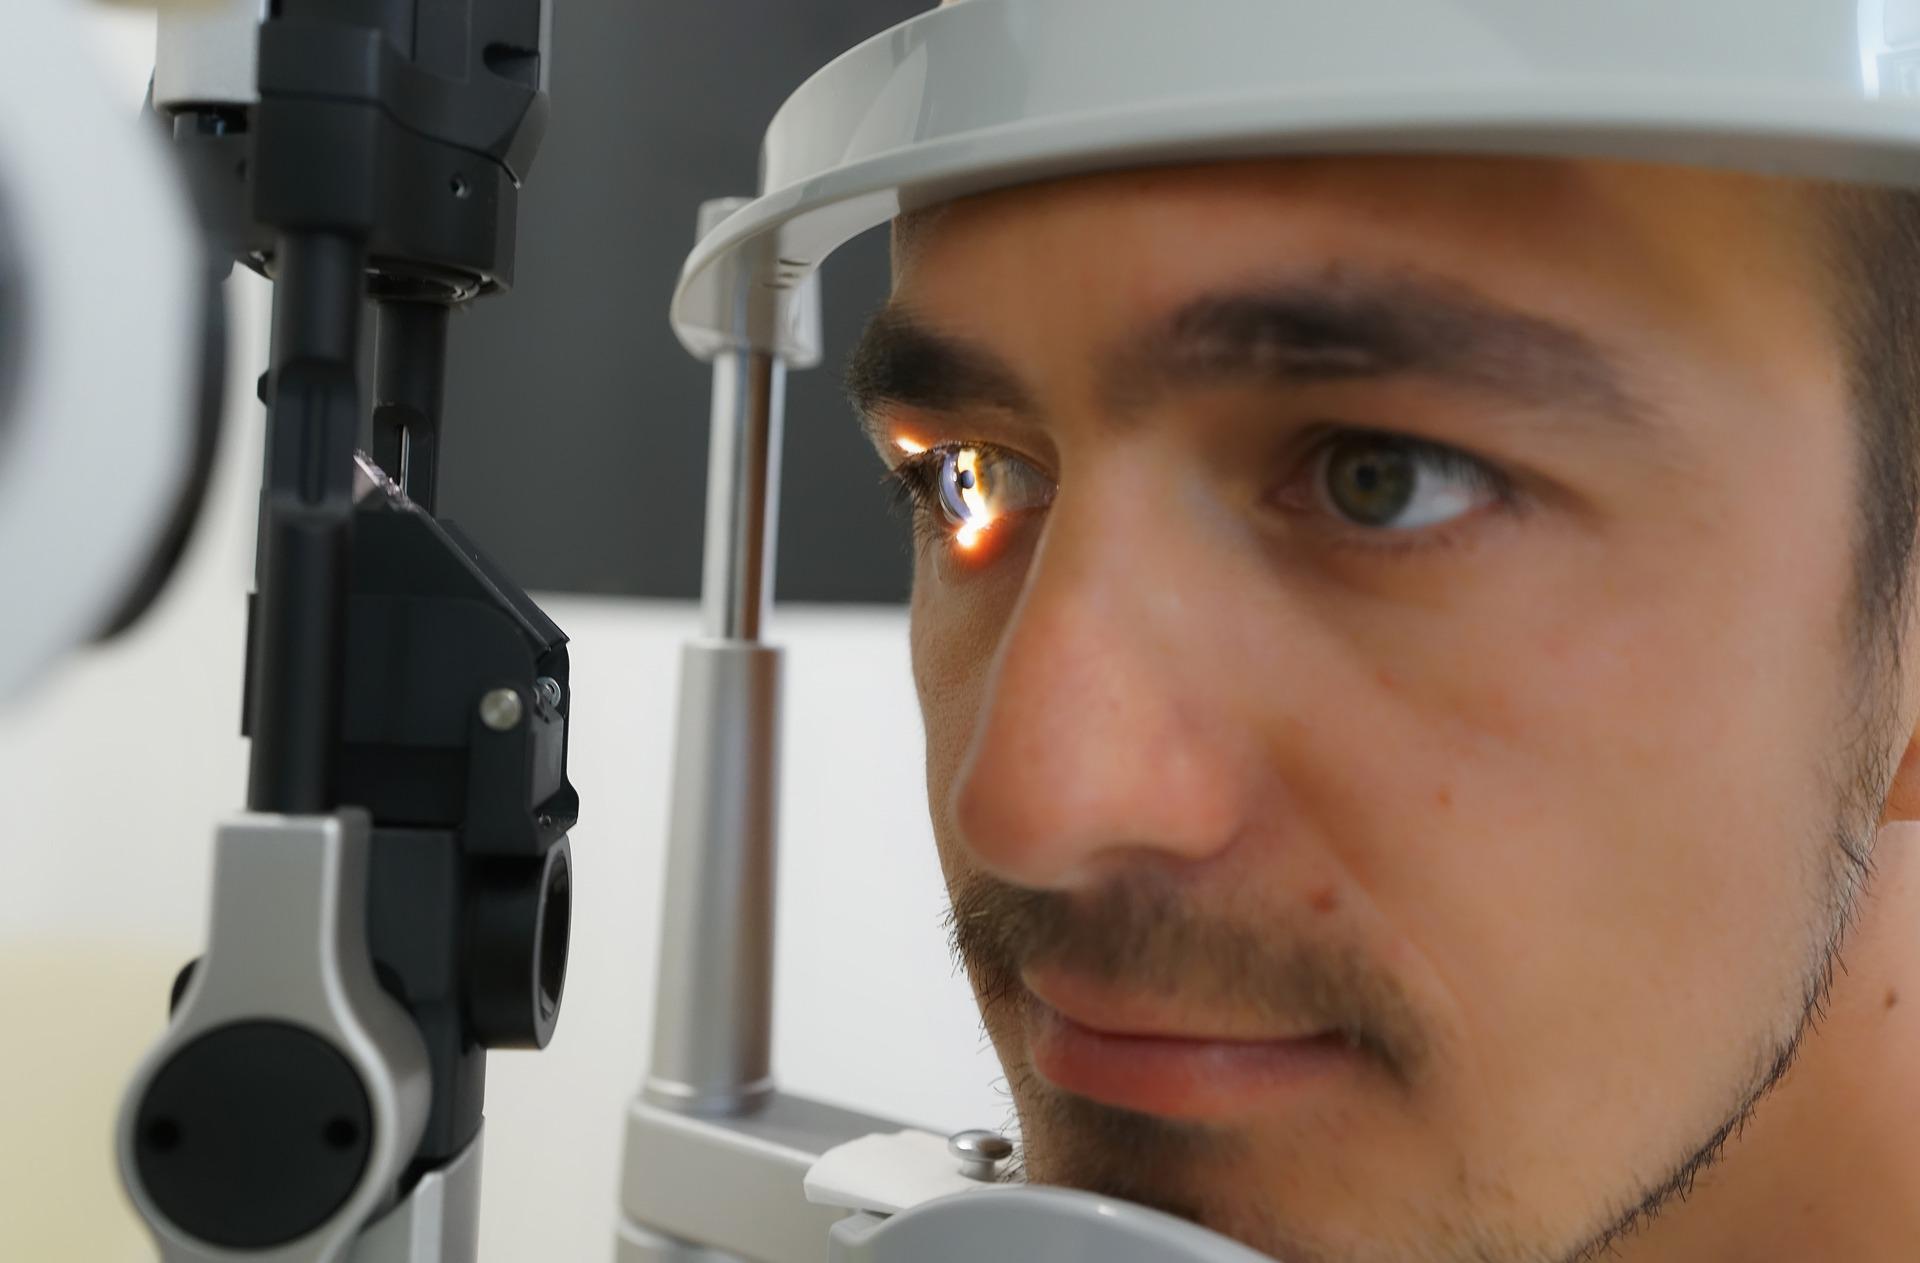 Chodíte na očné kontroly?